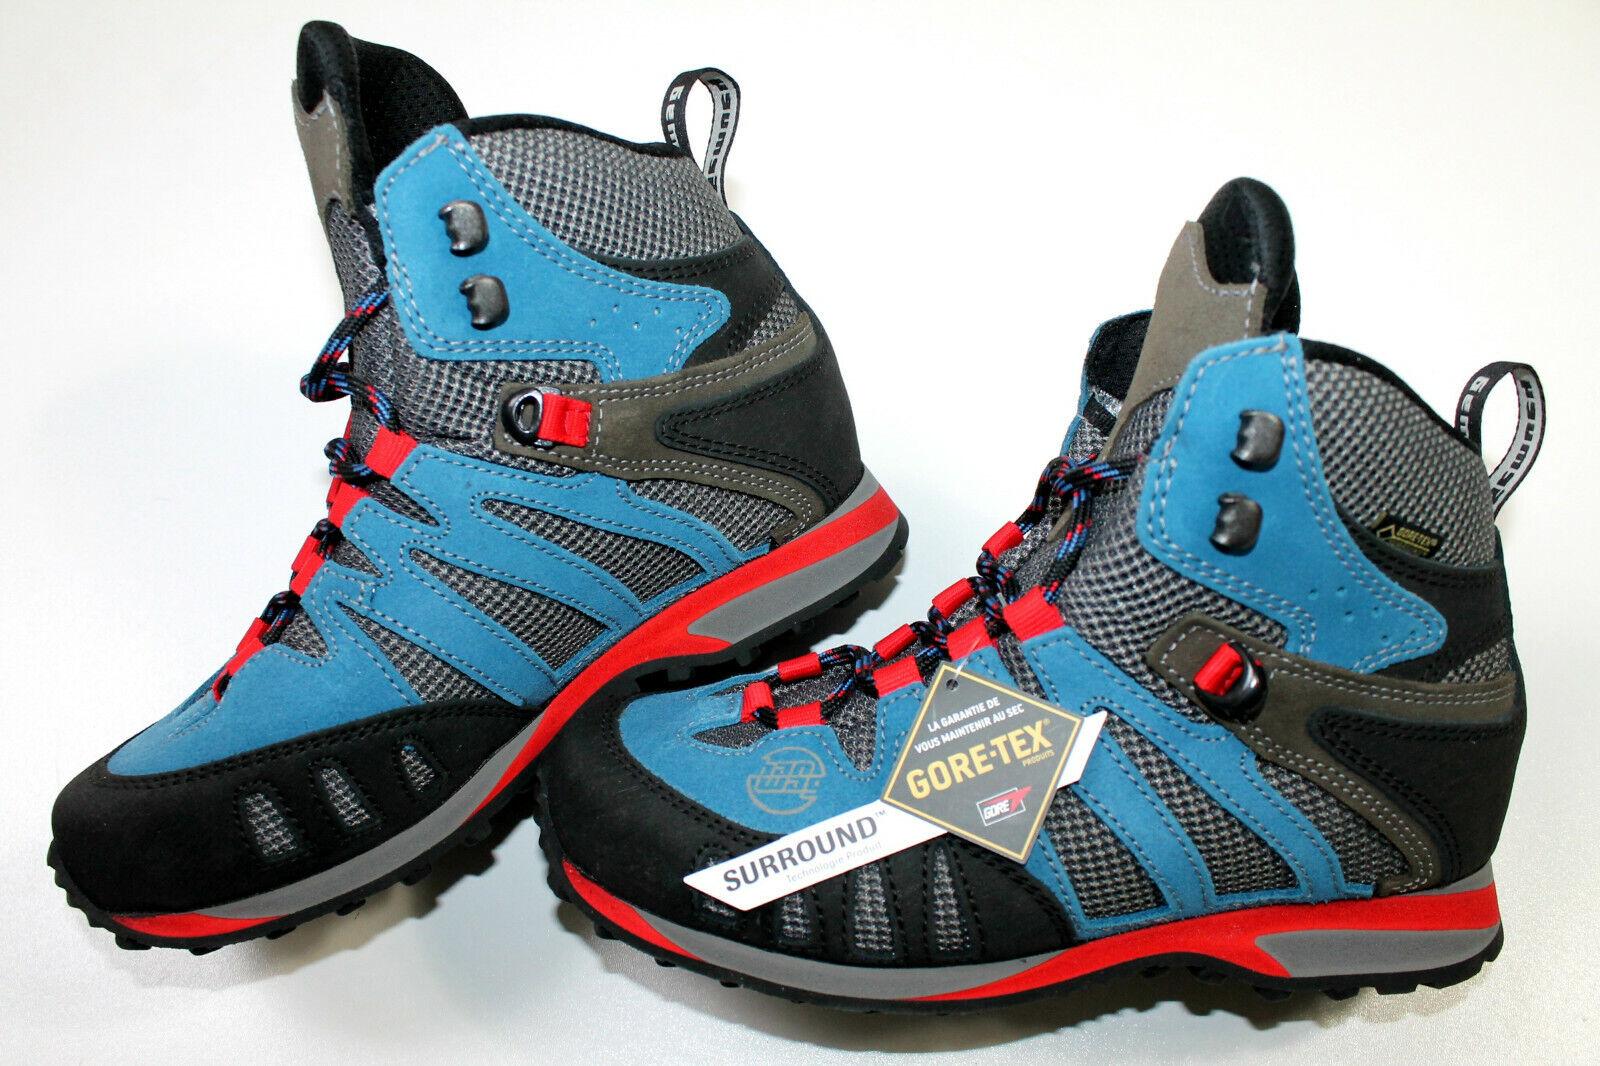 Hanwag Sendero Mid GTX Surround Lady daSie Hiking Stiefel Größe 36 UK 3,5 NEW